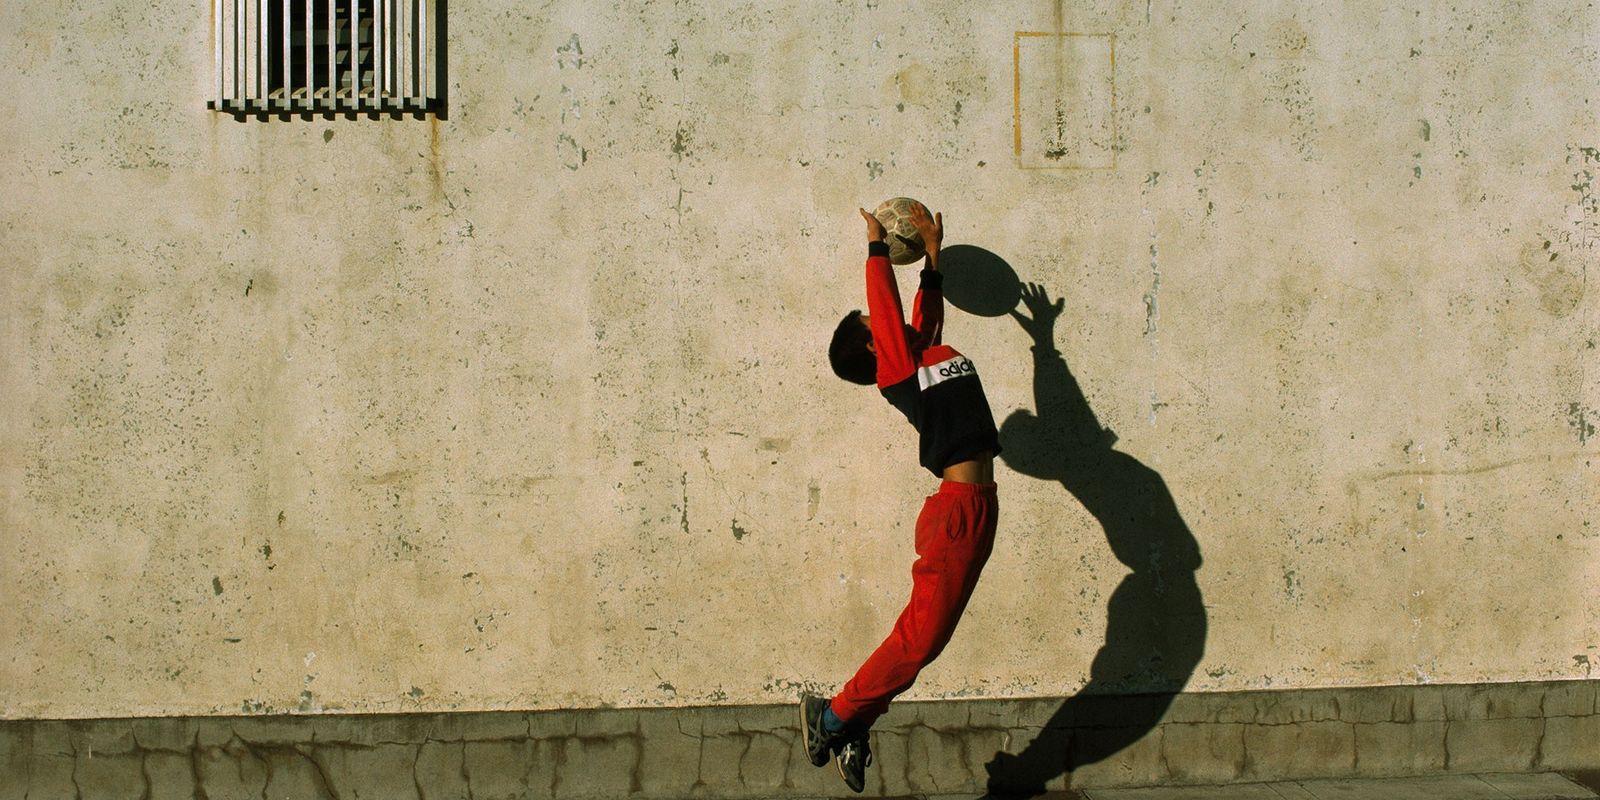 Fotografias Vintage que Ilustram a Paixão Mundial pelo Futebol